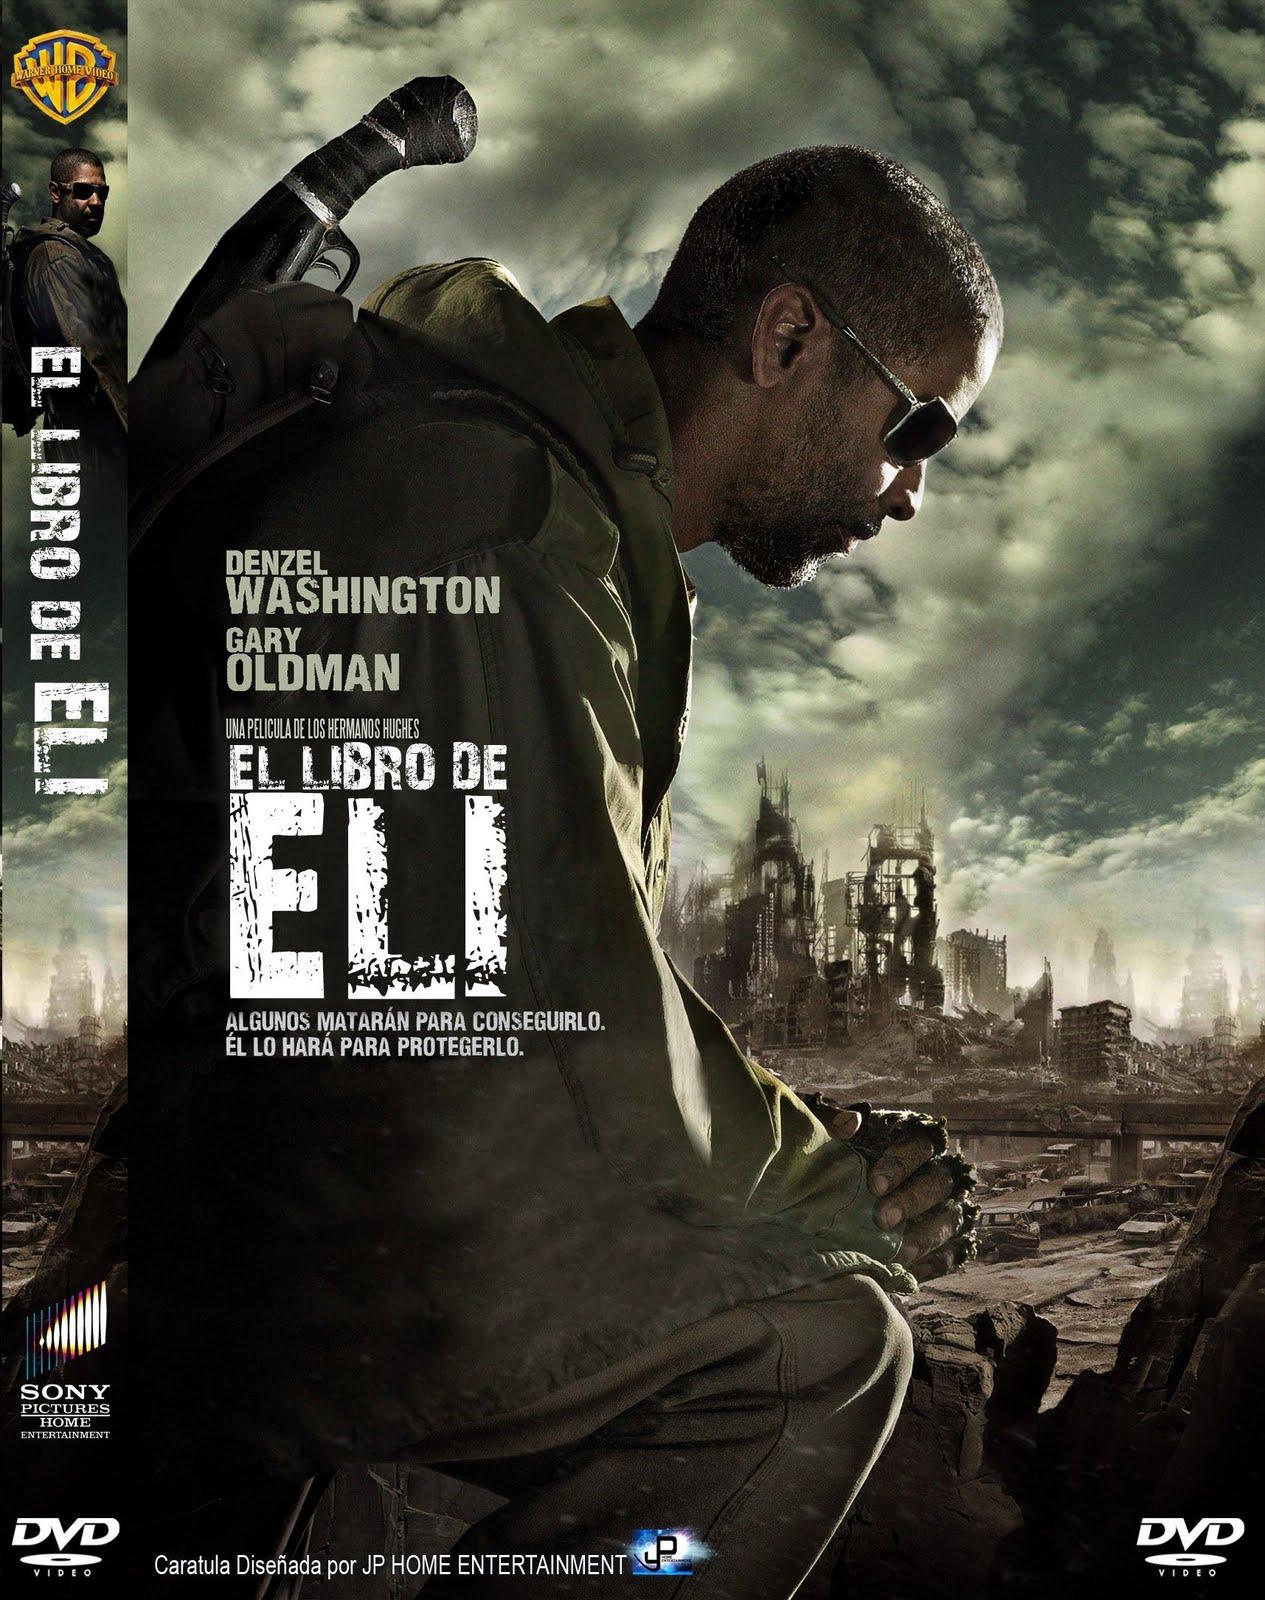 CINE Y MUCHO MAS Y AHORA: EL LIBRO DE ELI (2010) The Book